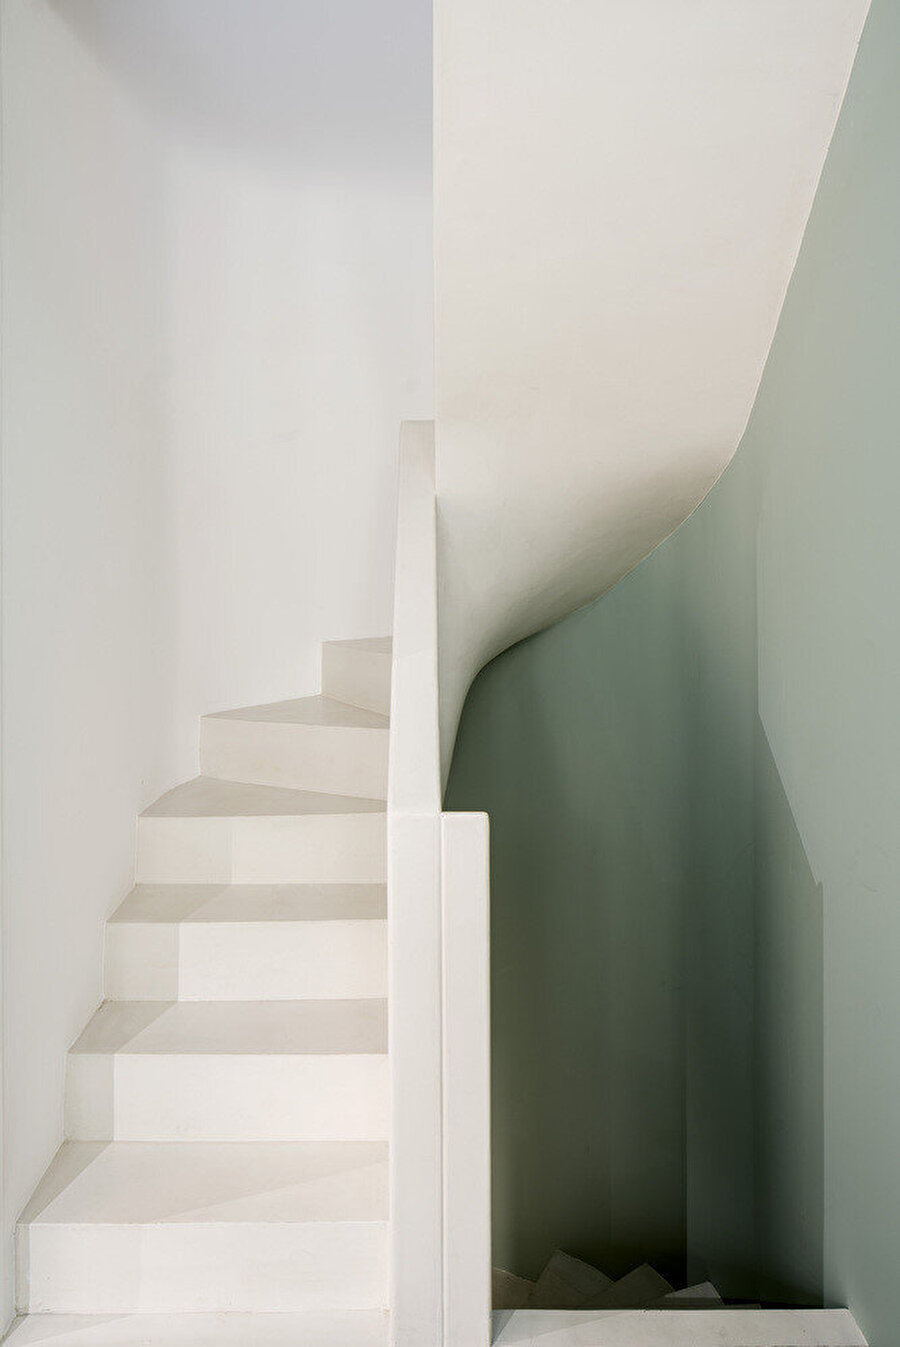 Üst kat ve bodrum arasındaki sirkülasyonu sağlayan merdiven.